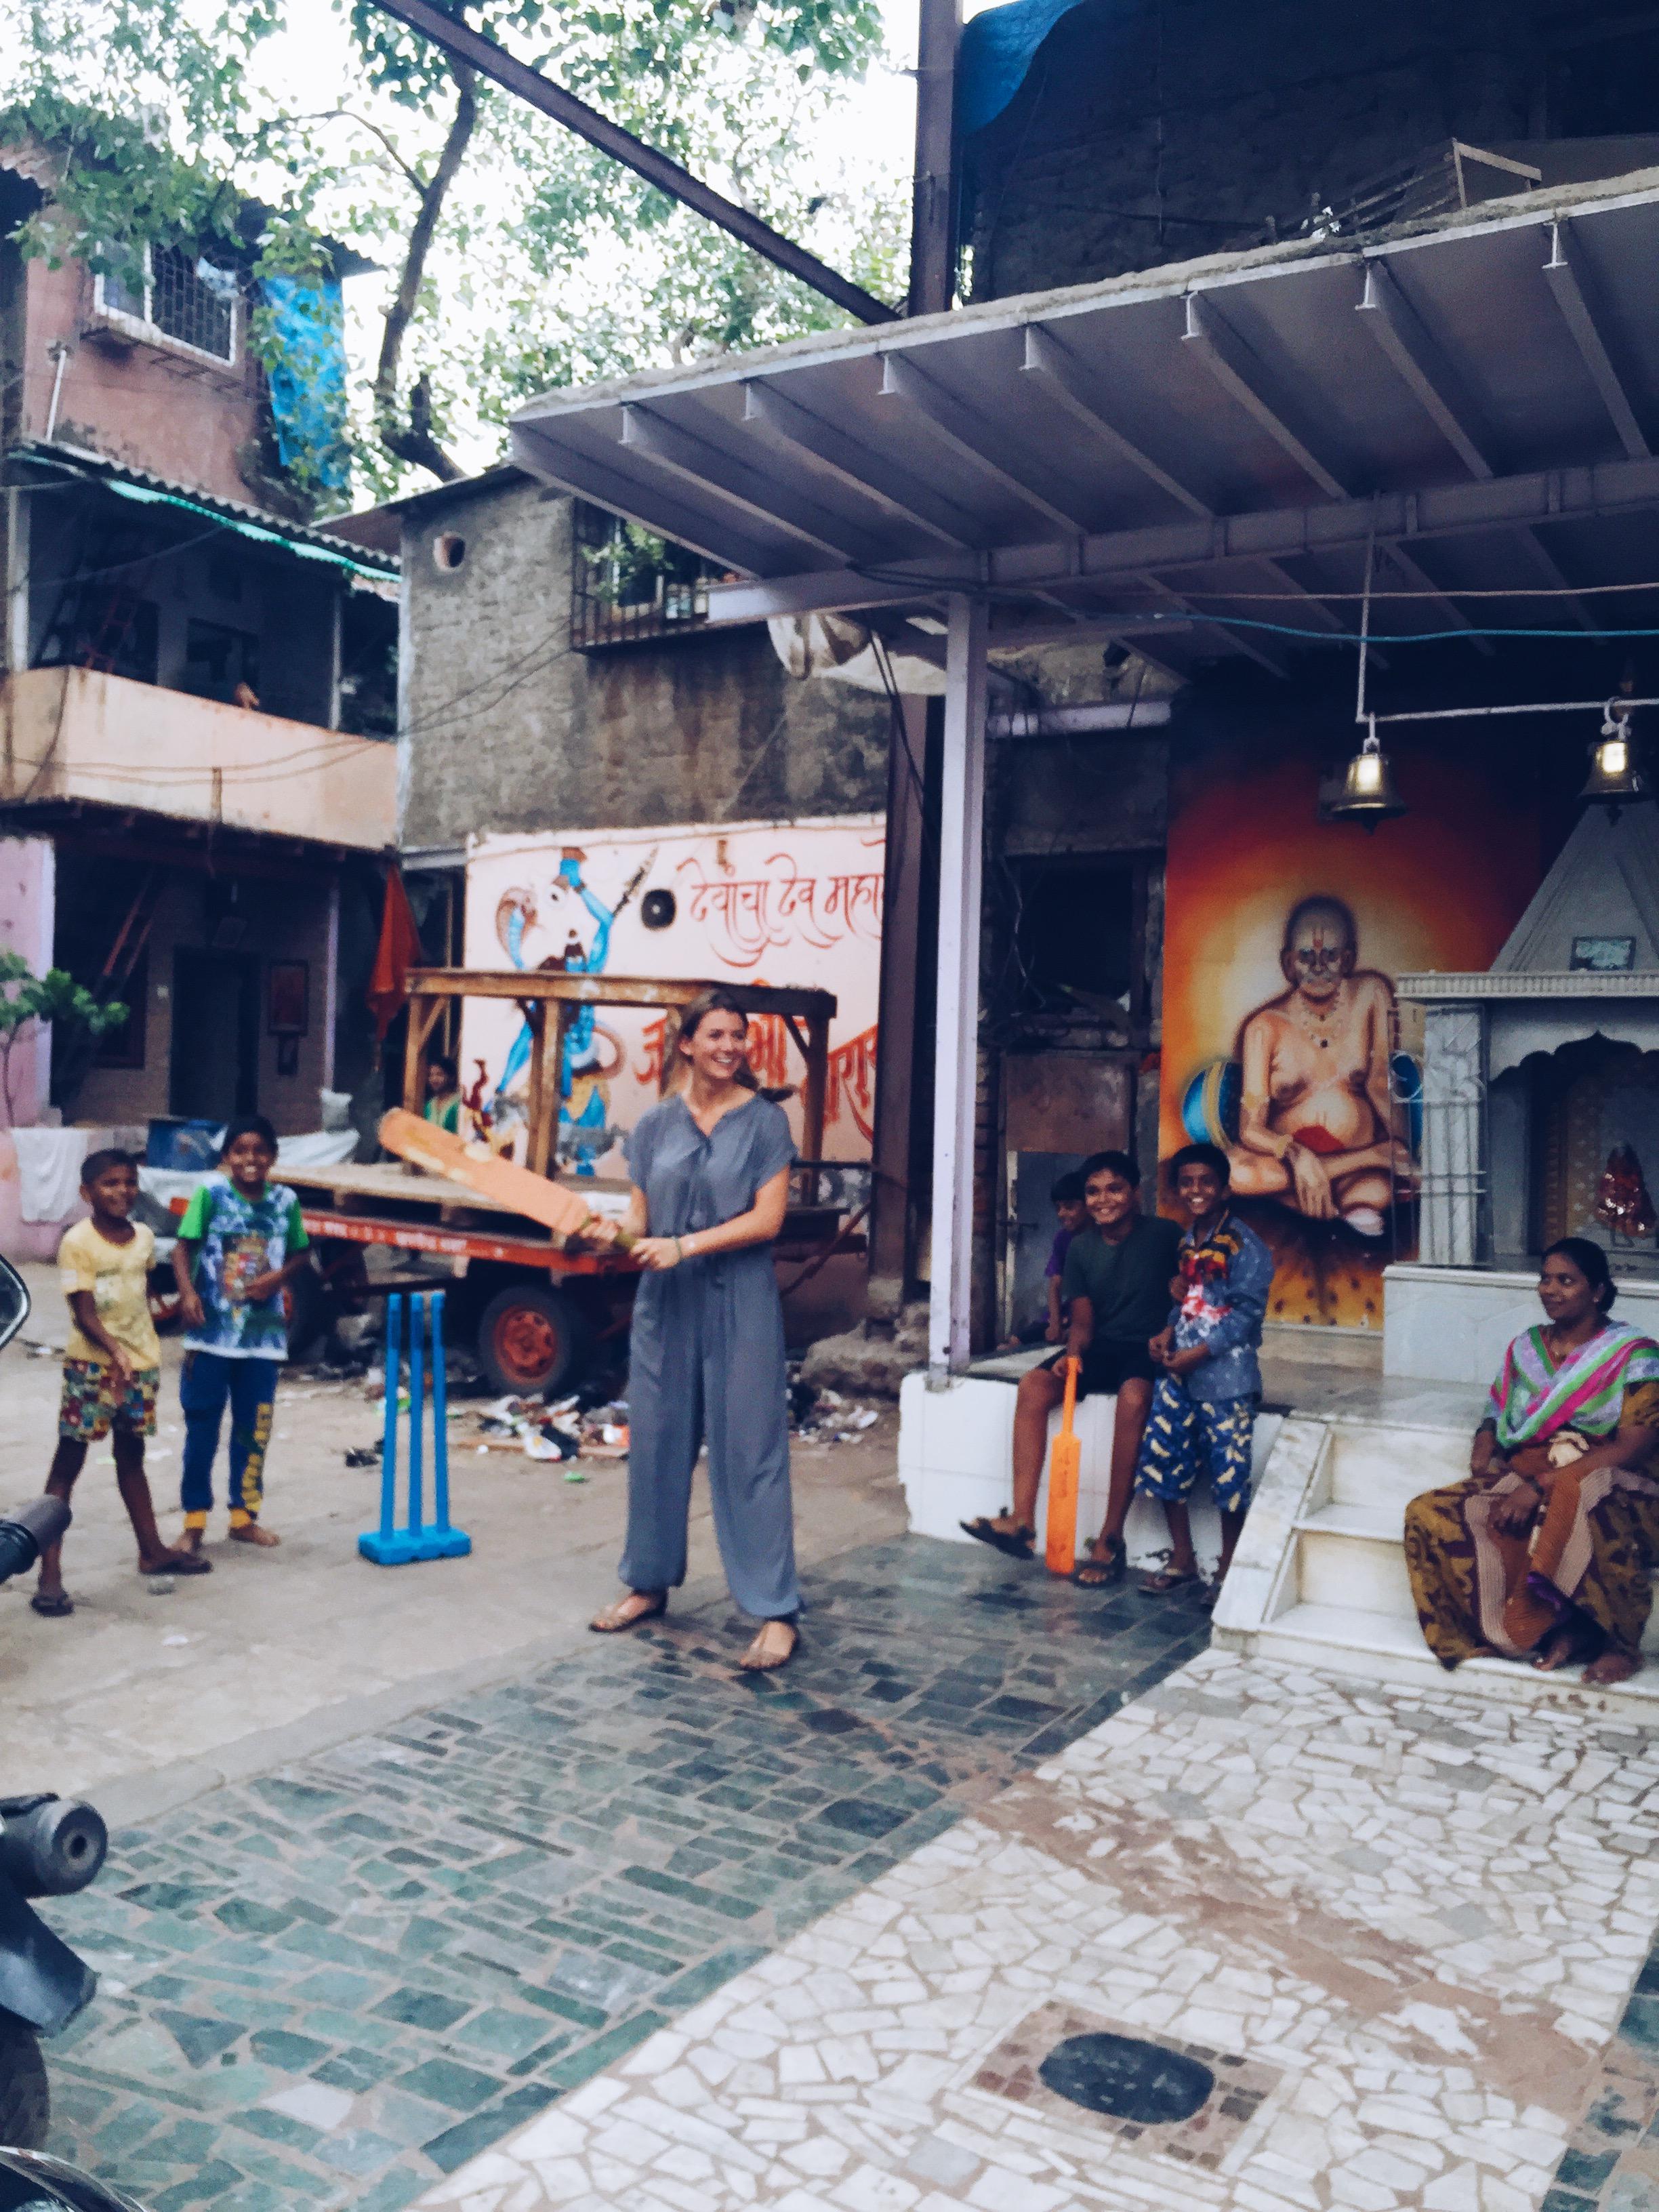 Cricket in Dhavari Slum